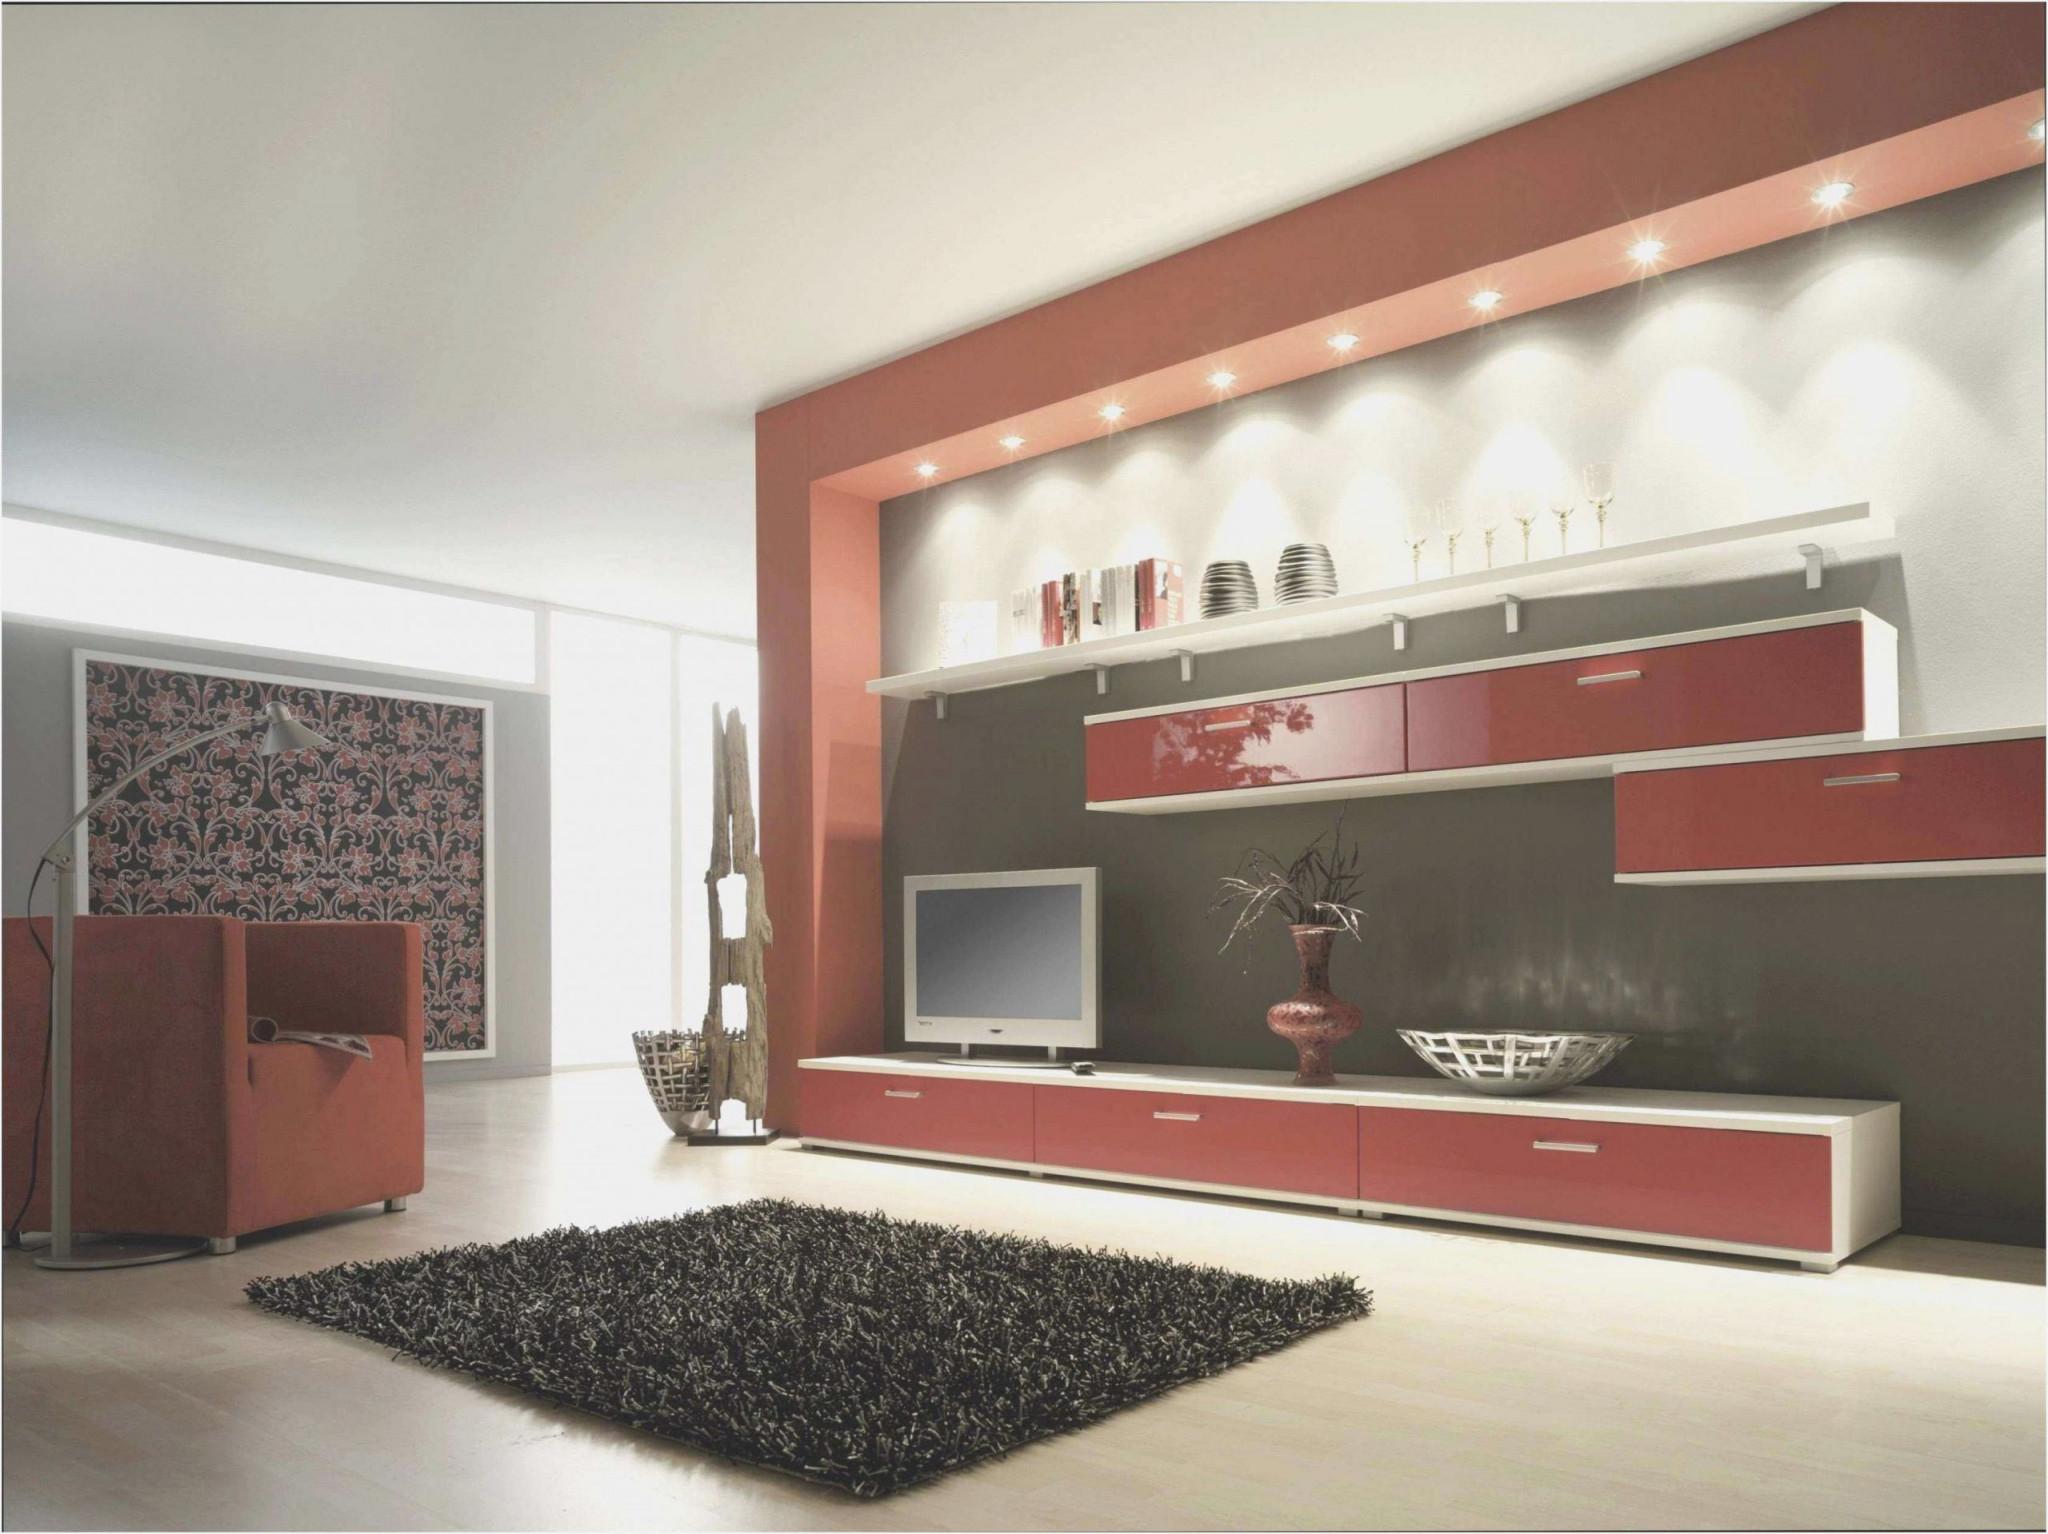 Exklusive Deko Für Wohnzimmer  Wohnzimmer  Traumhaus von Exklusive Bilder Für Wohnzimmer Bild